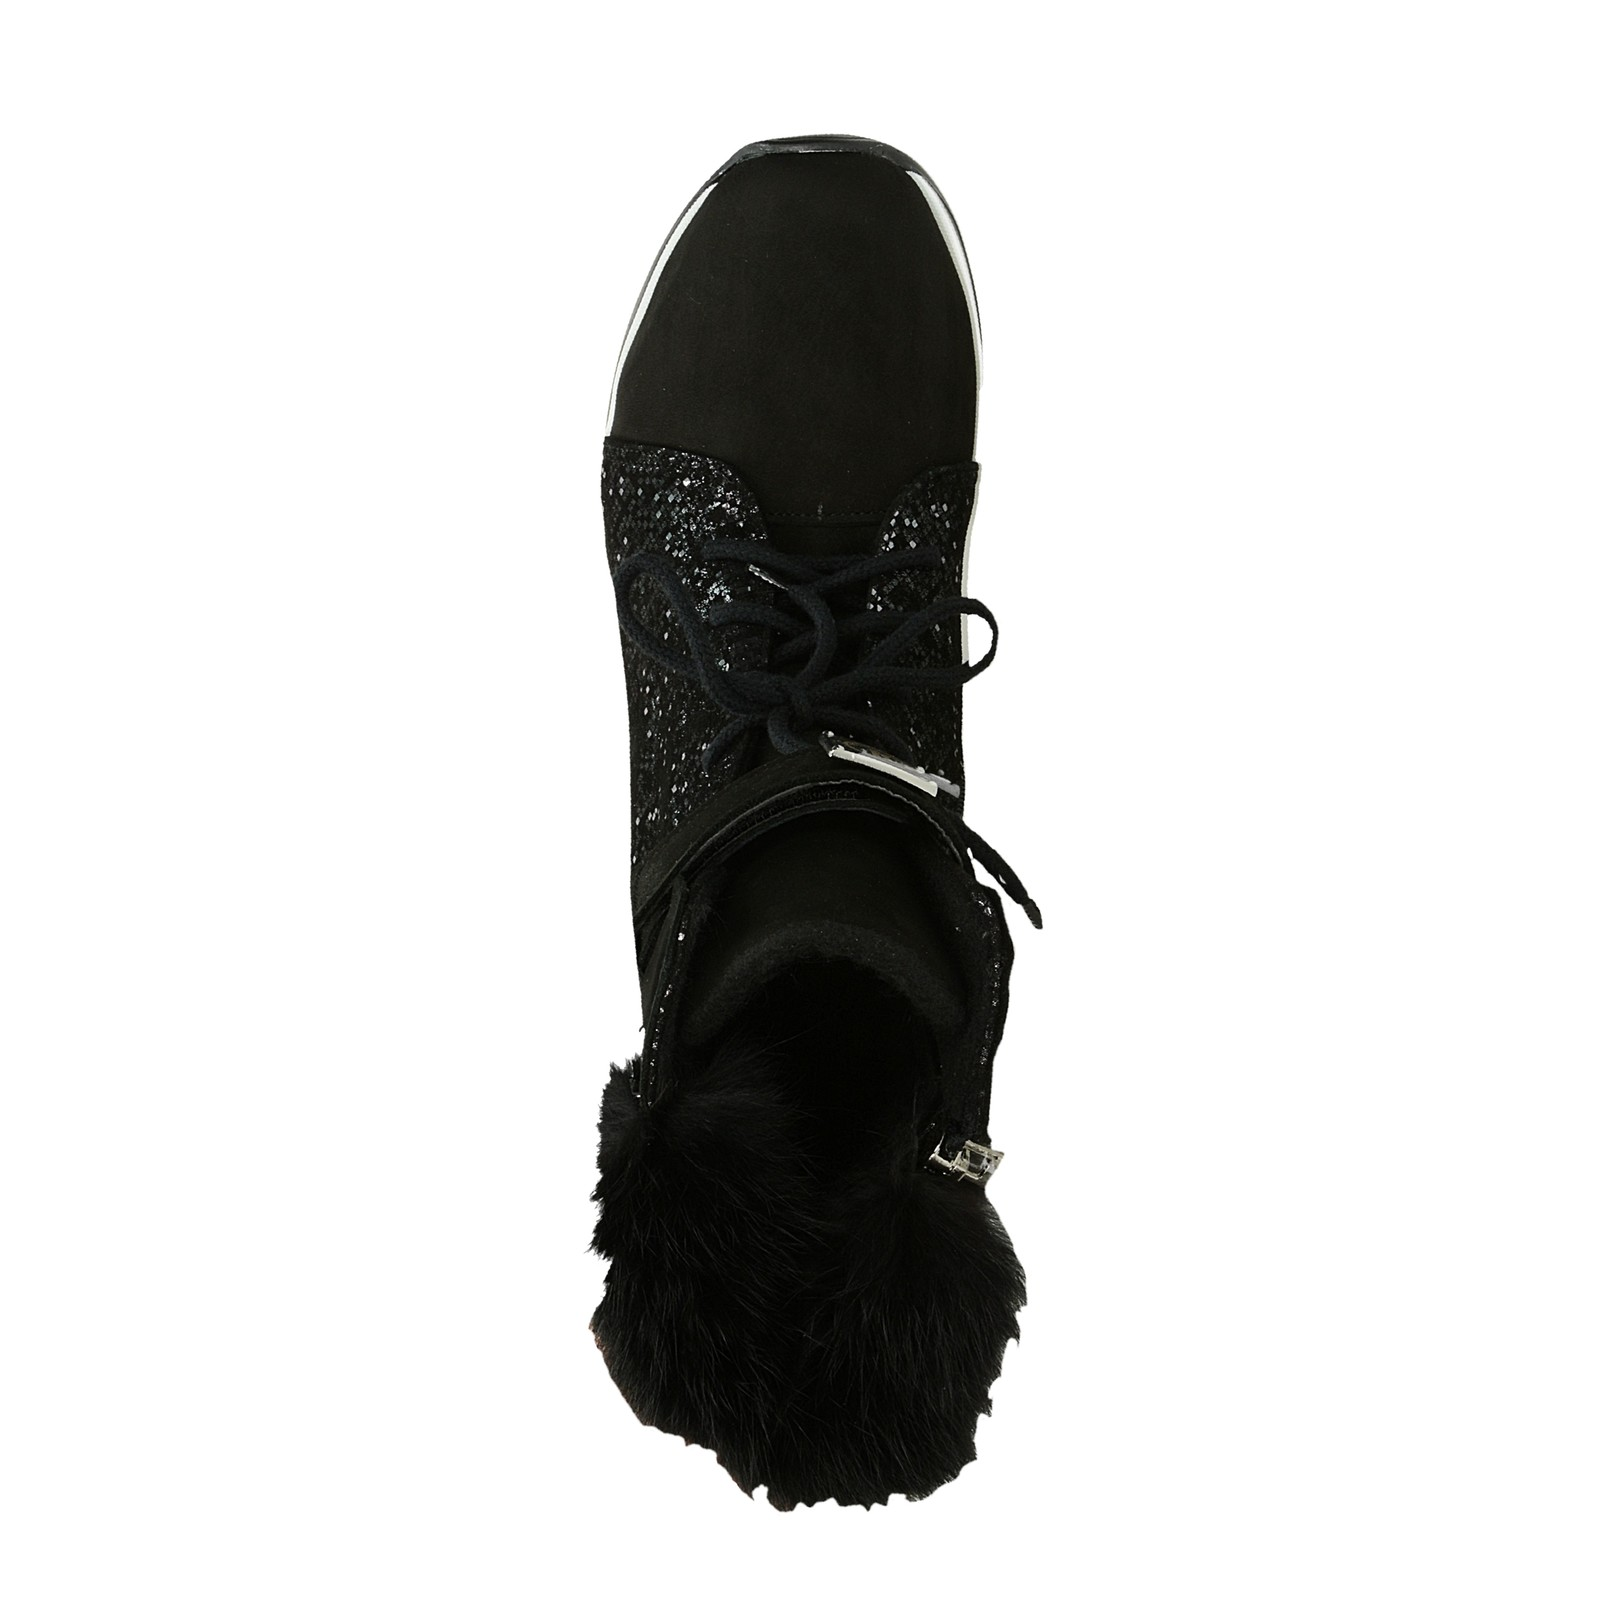 Olivia shoes dámské nubukové kotníkové boty na suchý zip - černé ... 753a9d15d3